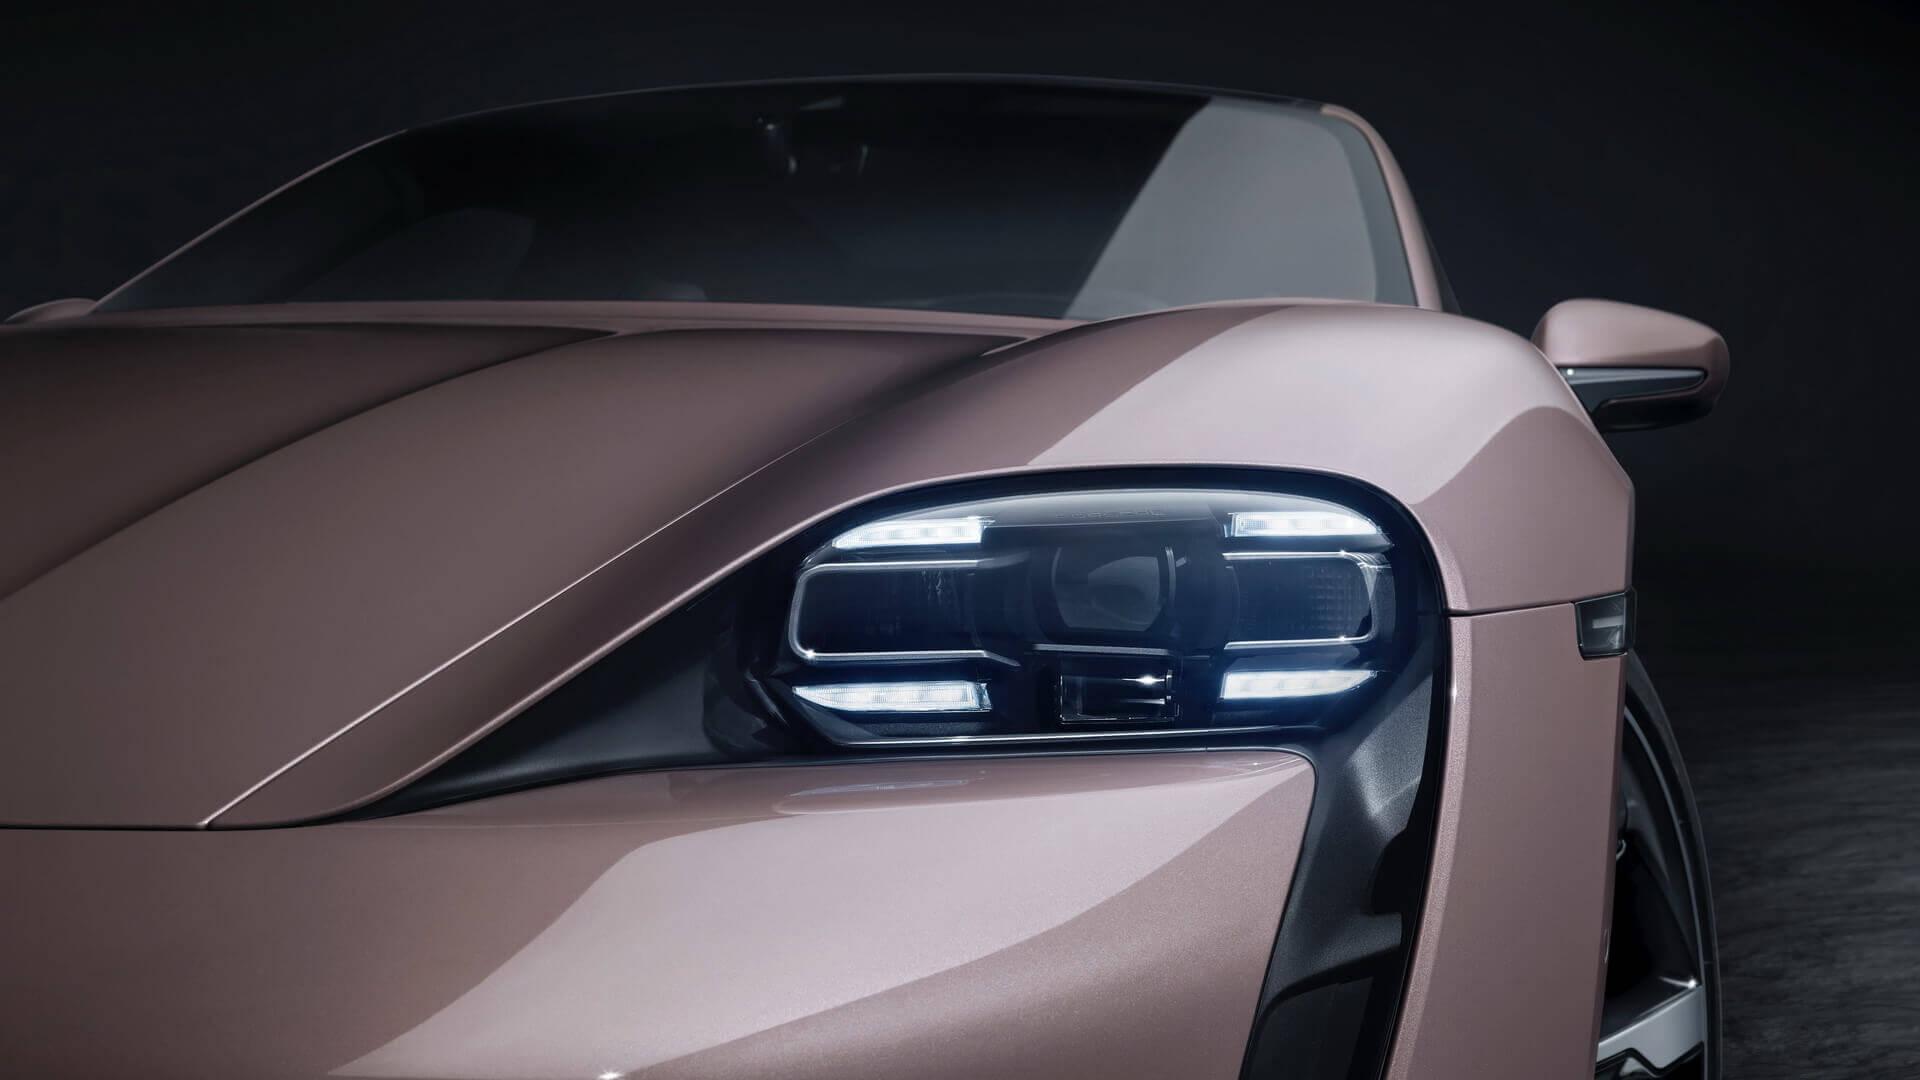 Дизайн экстерьера Taycan с наследственными чертами Porsche